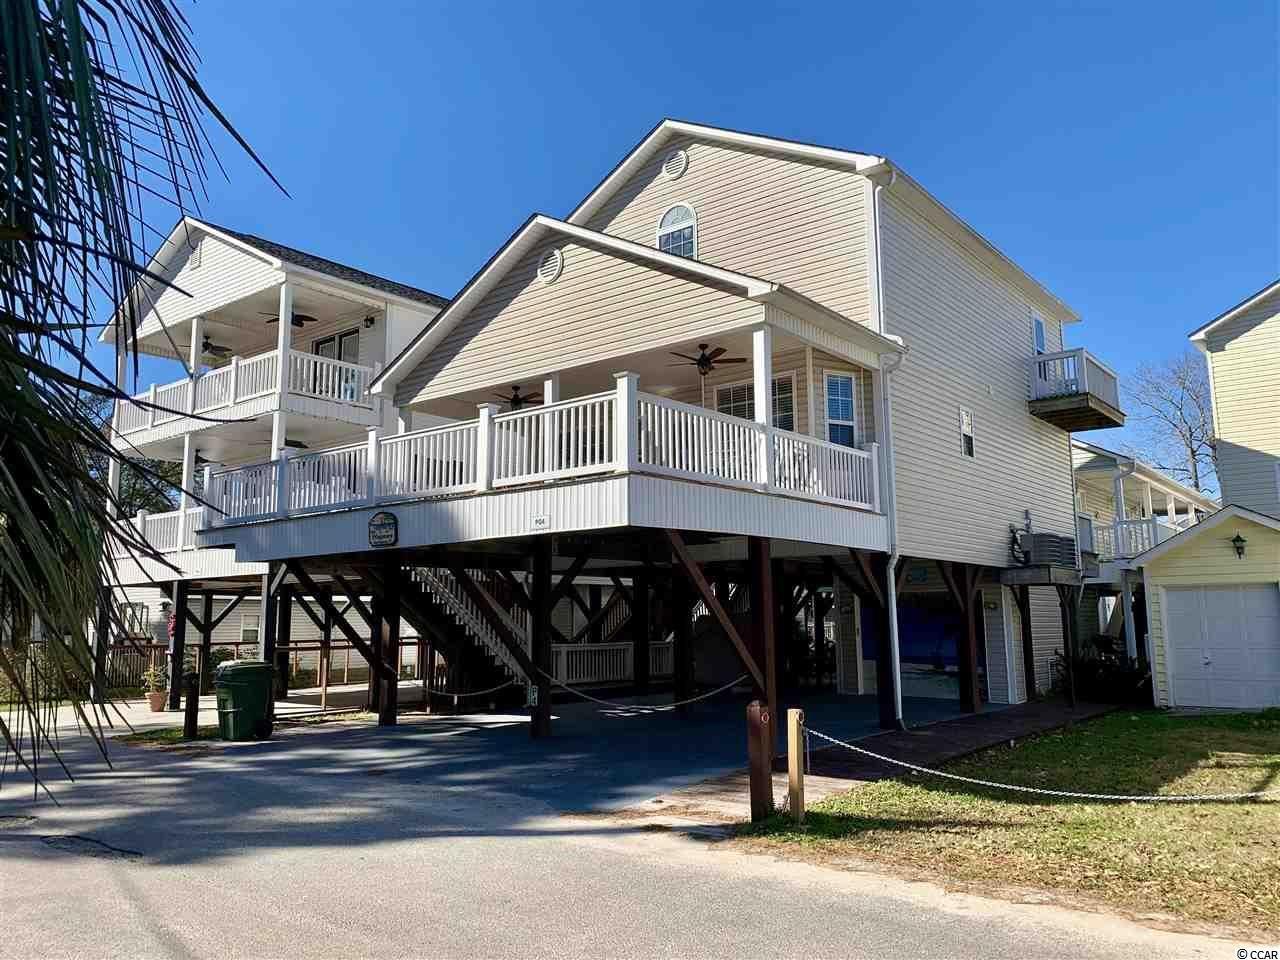 6001 - P4 S Kings Hwy., Myrtle Beach, SC 29575 - MLS#: 2101470